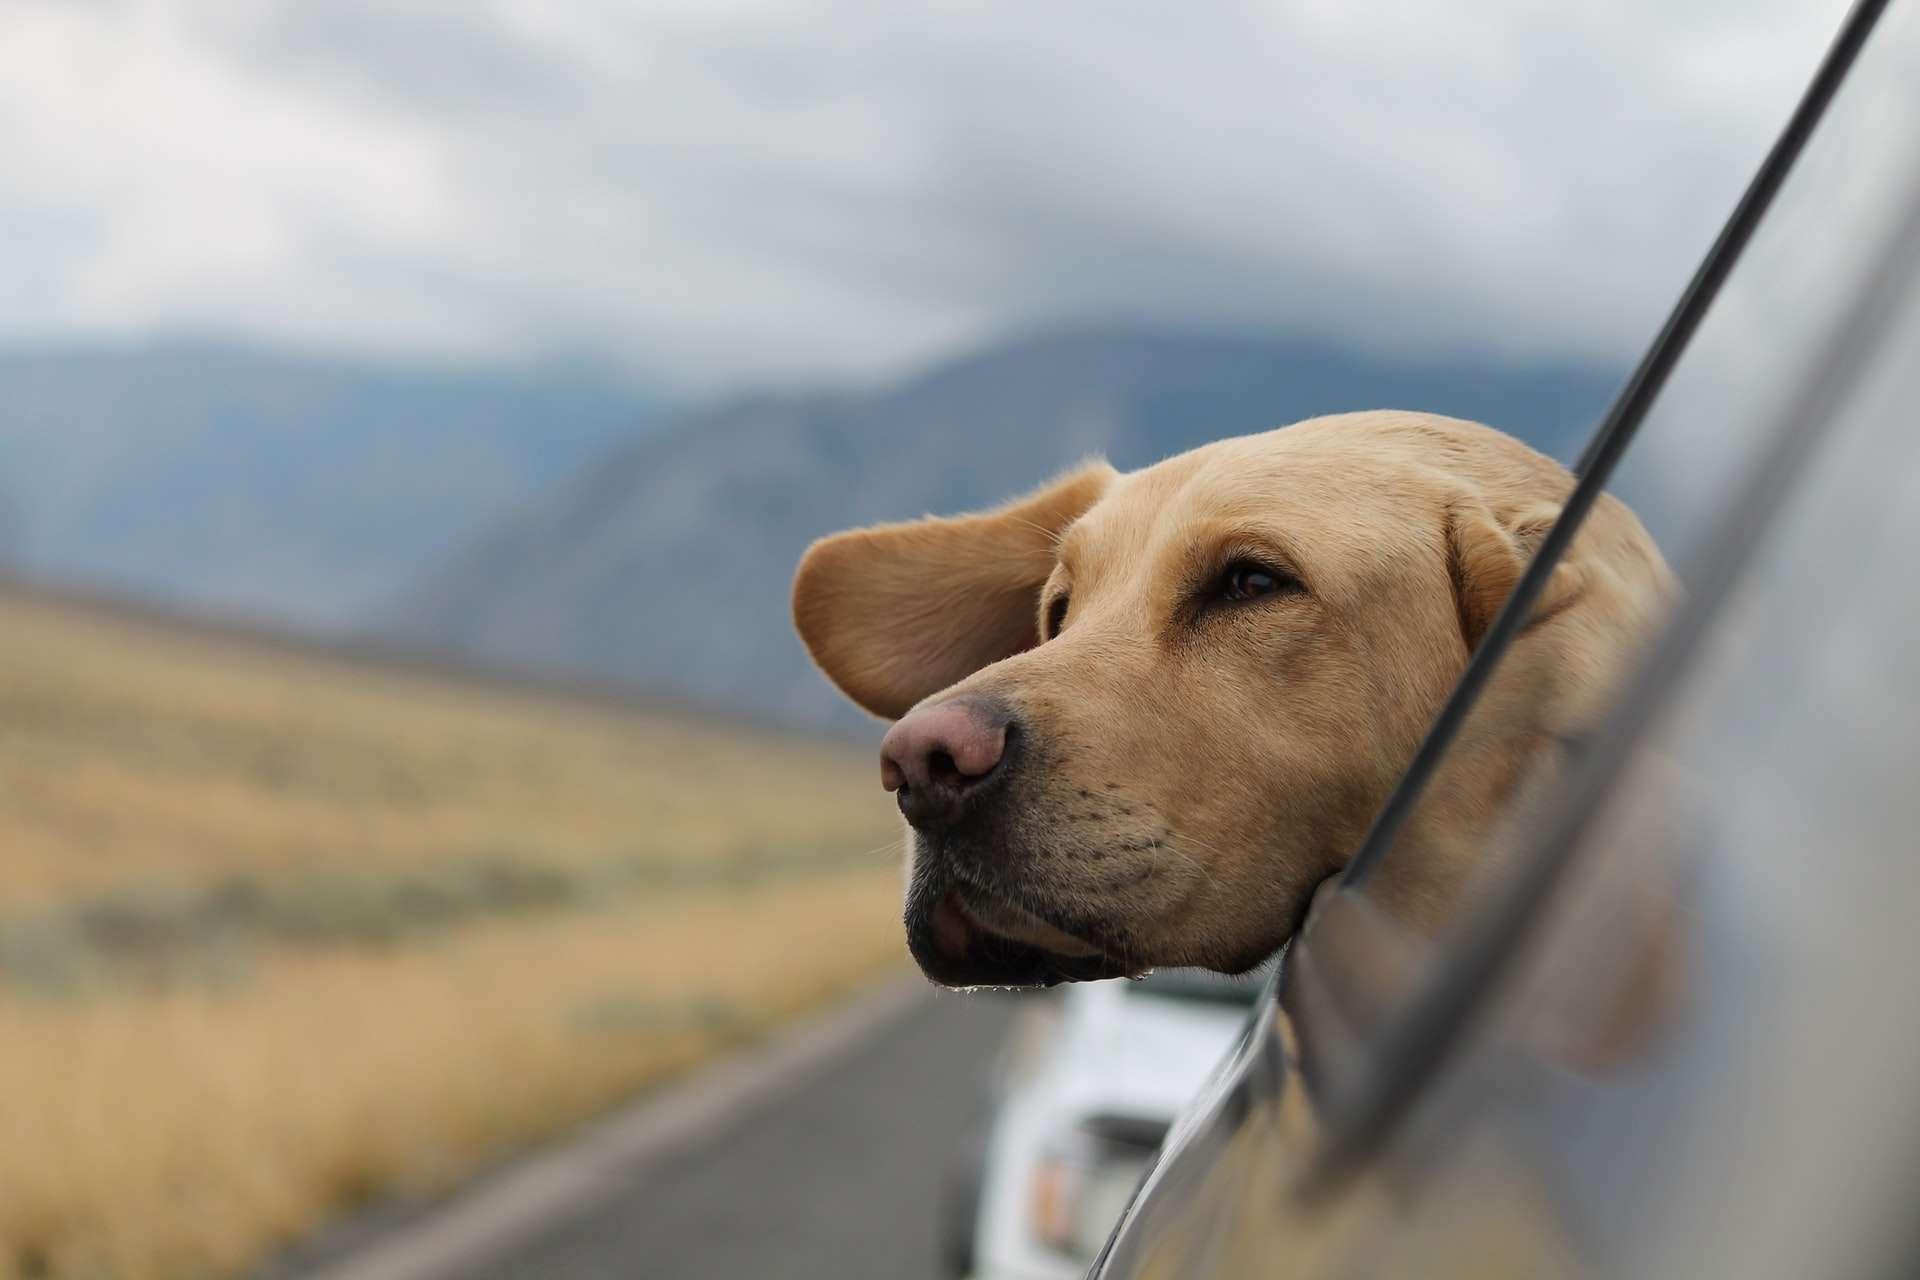 Evcil Hayvan ile Nasıl Seyahat Edilir?